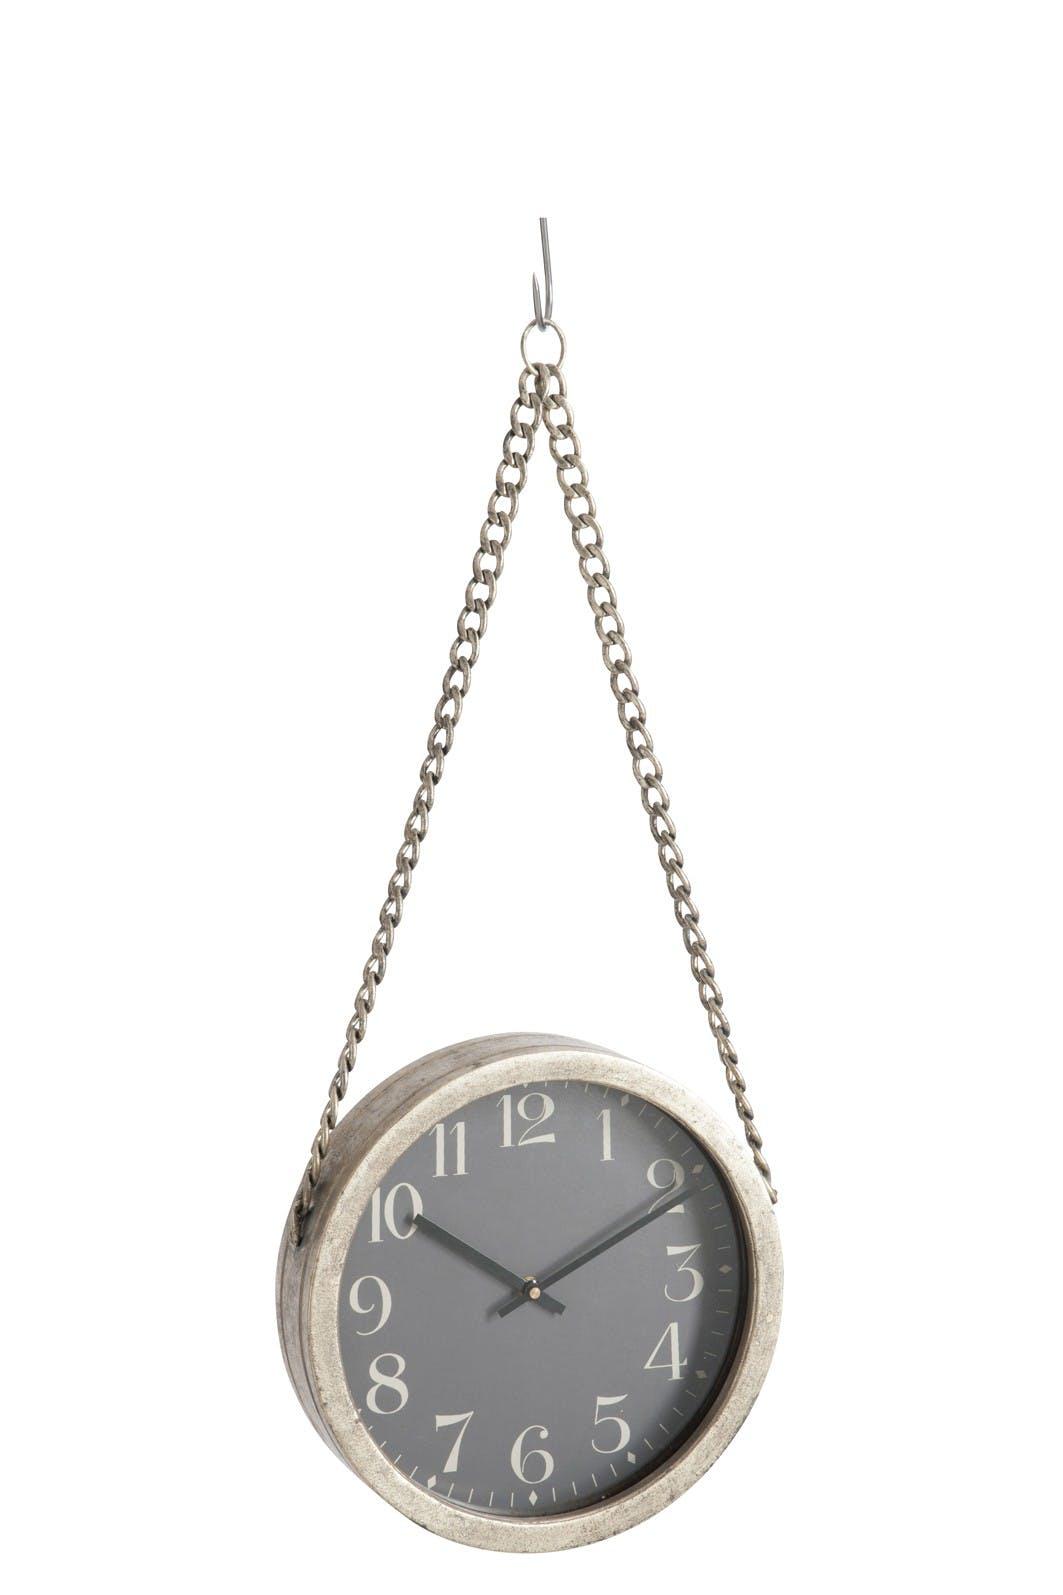 Horloge murale ronde à suspendre D31,5cm Style Industriel avec chaine L97xP7cm en métal - Coloris Gris